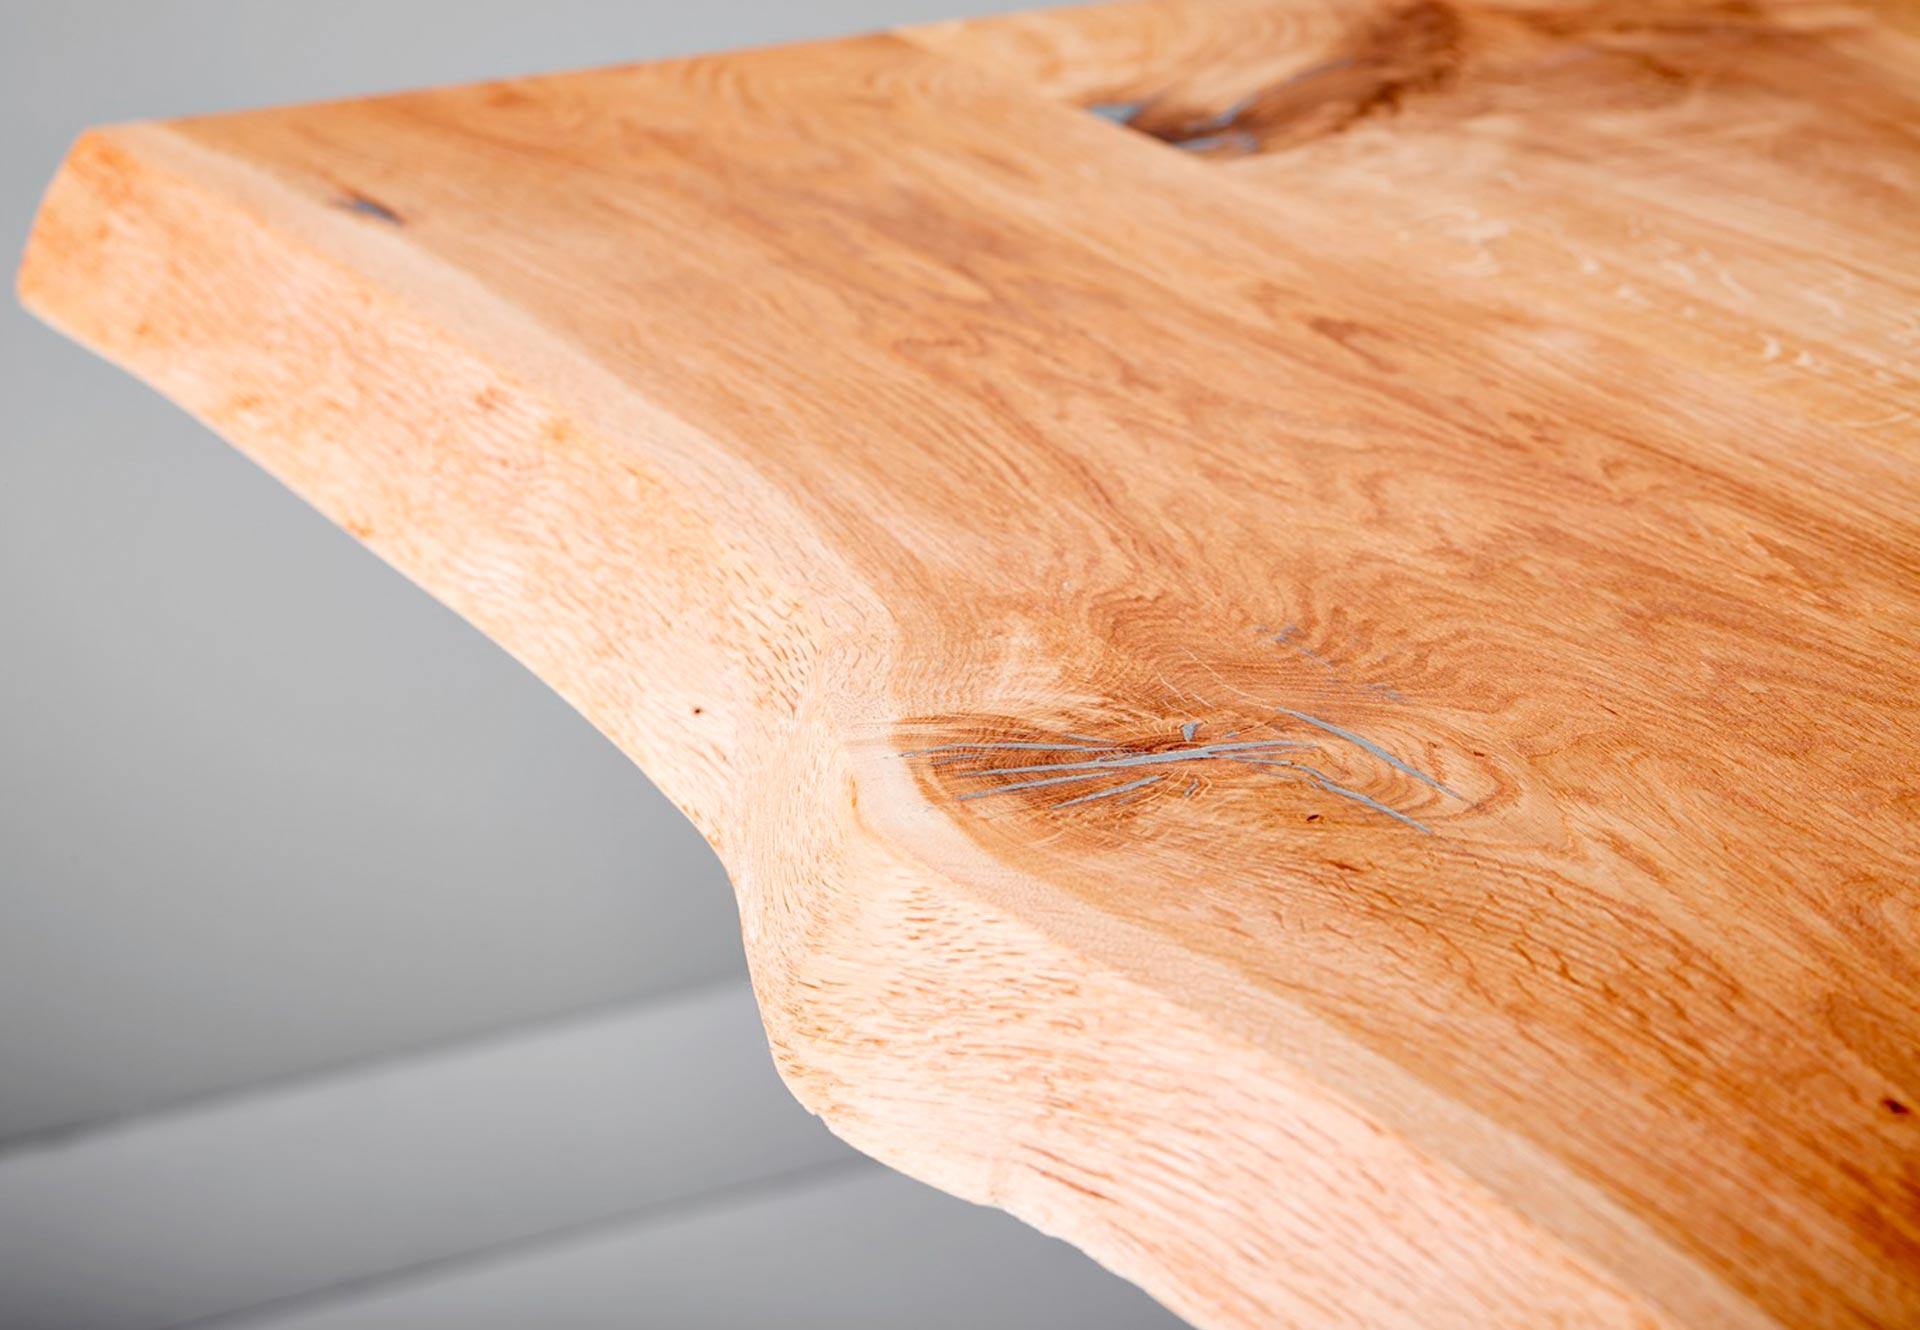 Esstisch Baumkante eiche Raute Tischplatte Detail